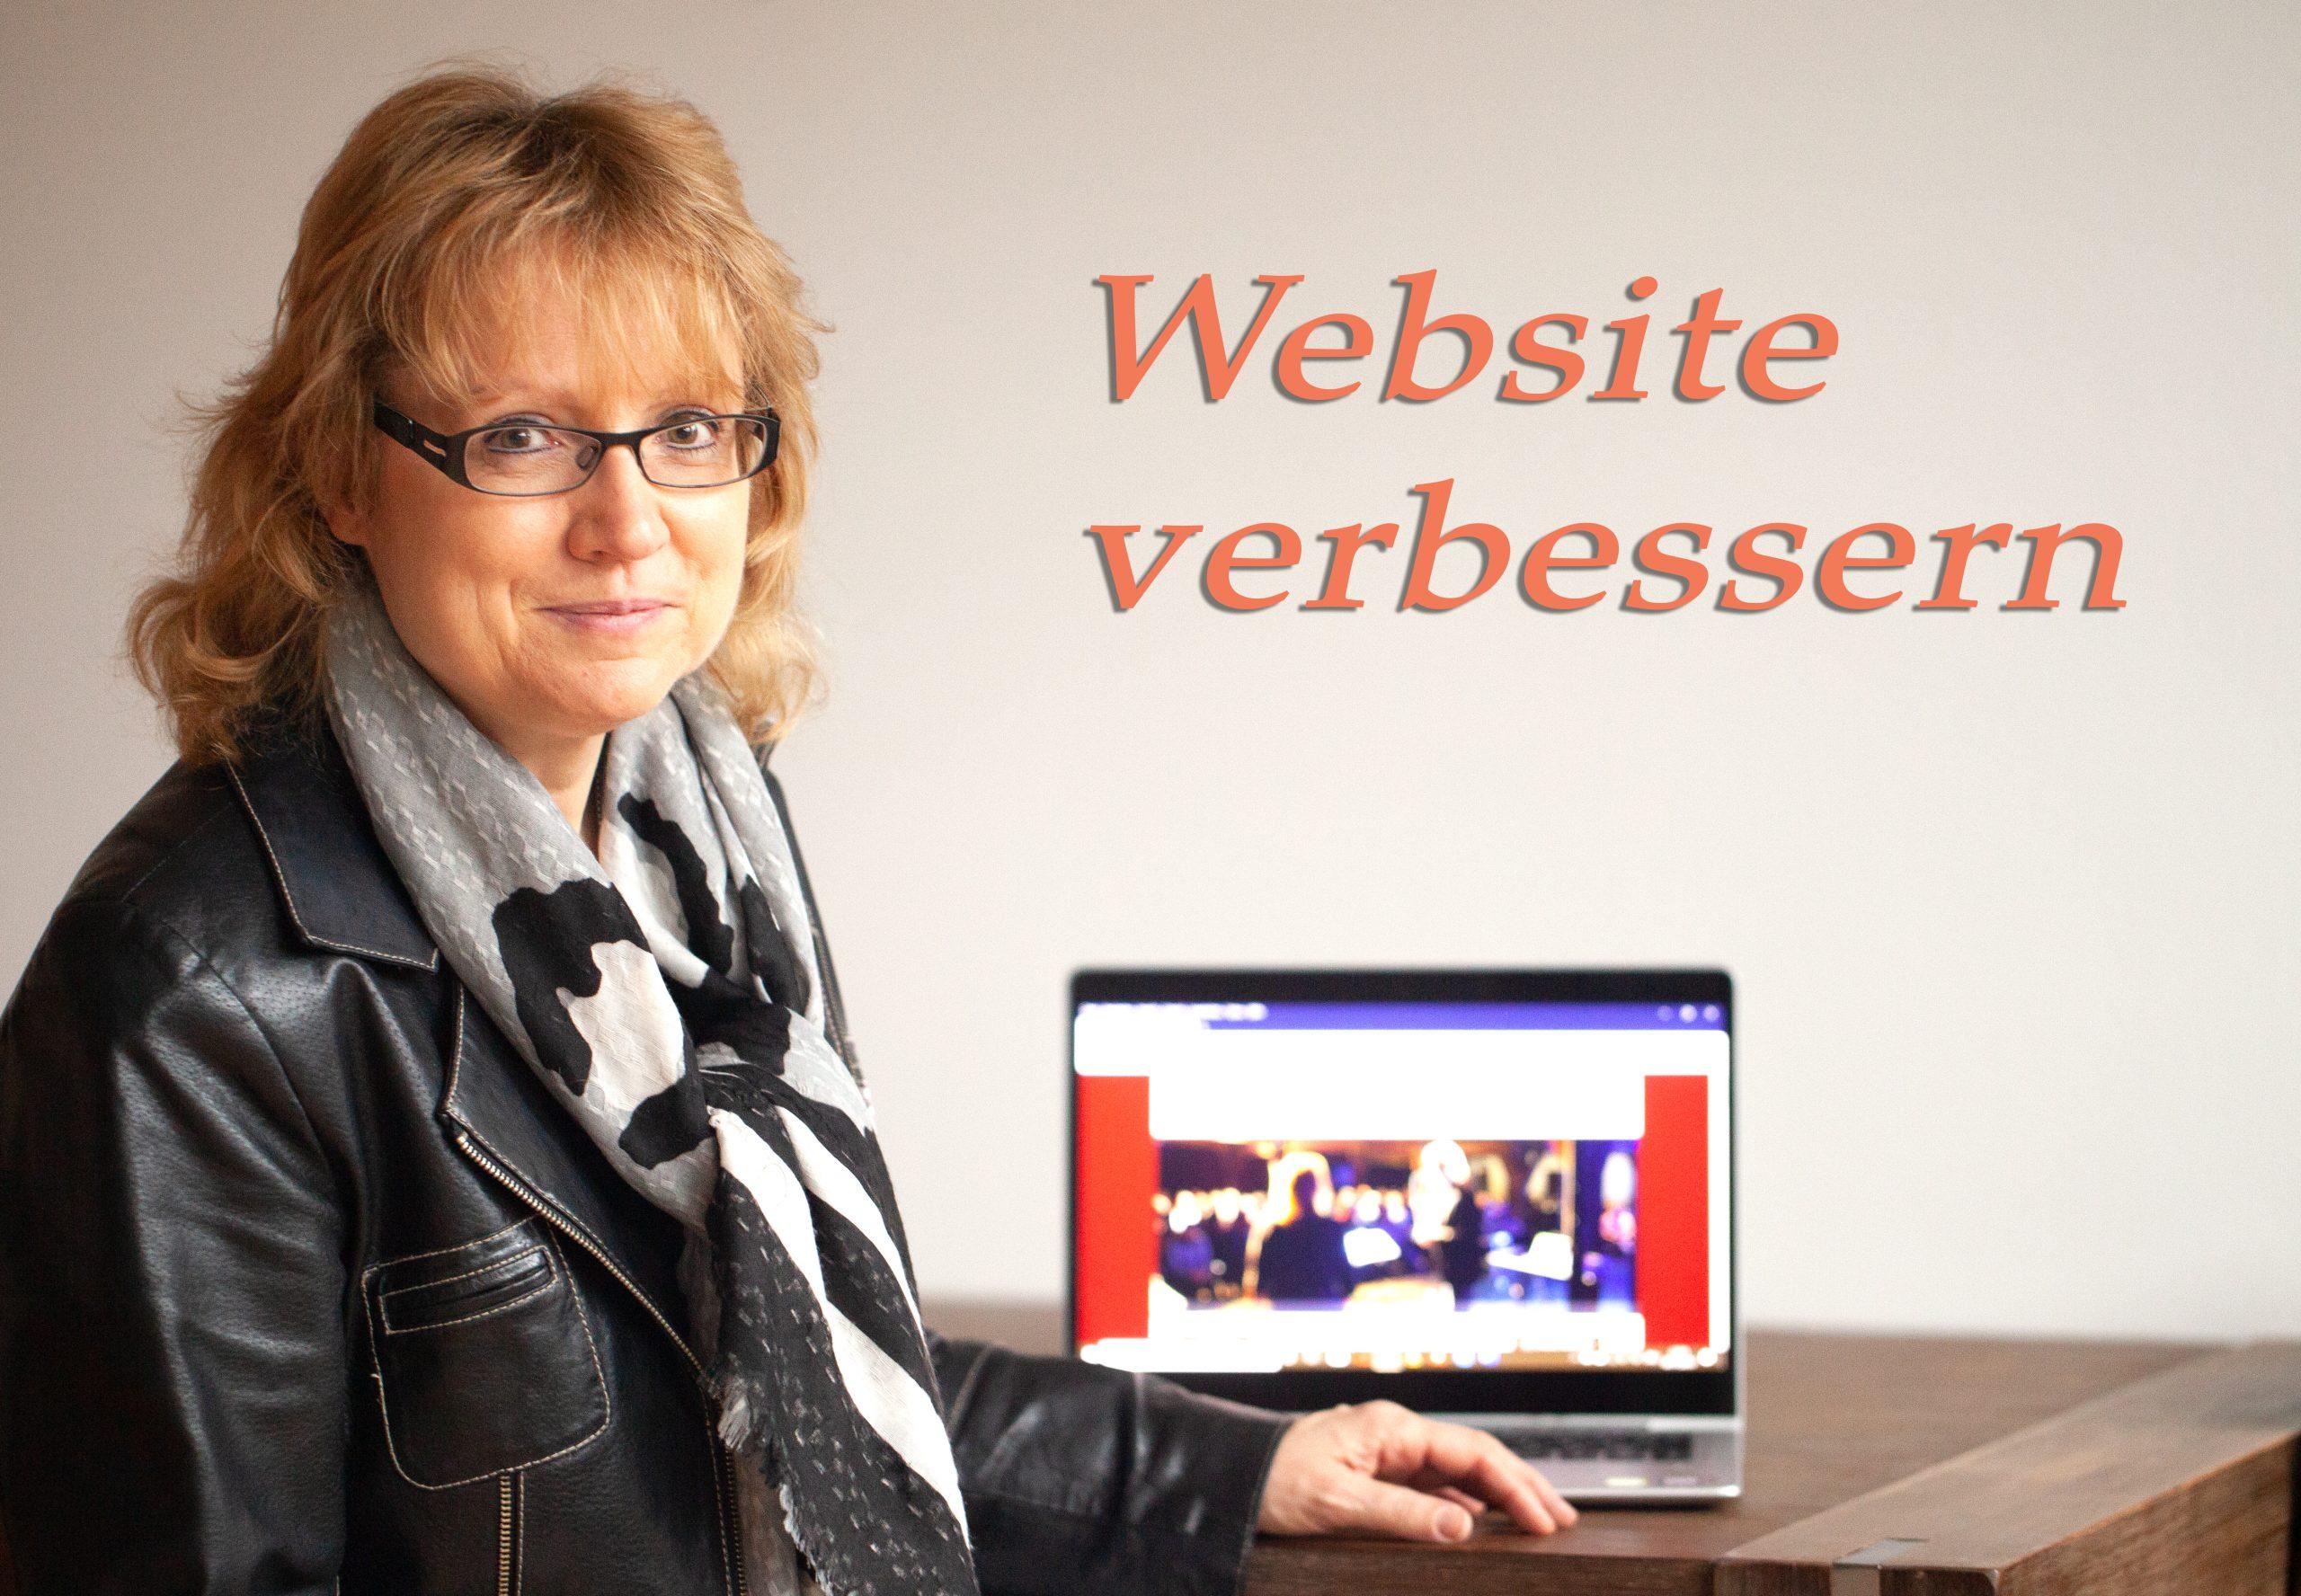 Tipps zum Website bekanntmachen und verbessern